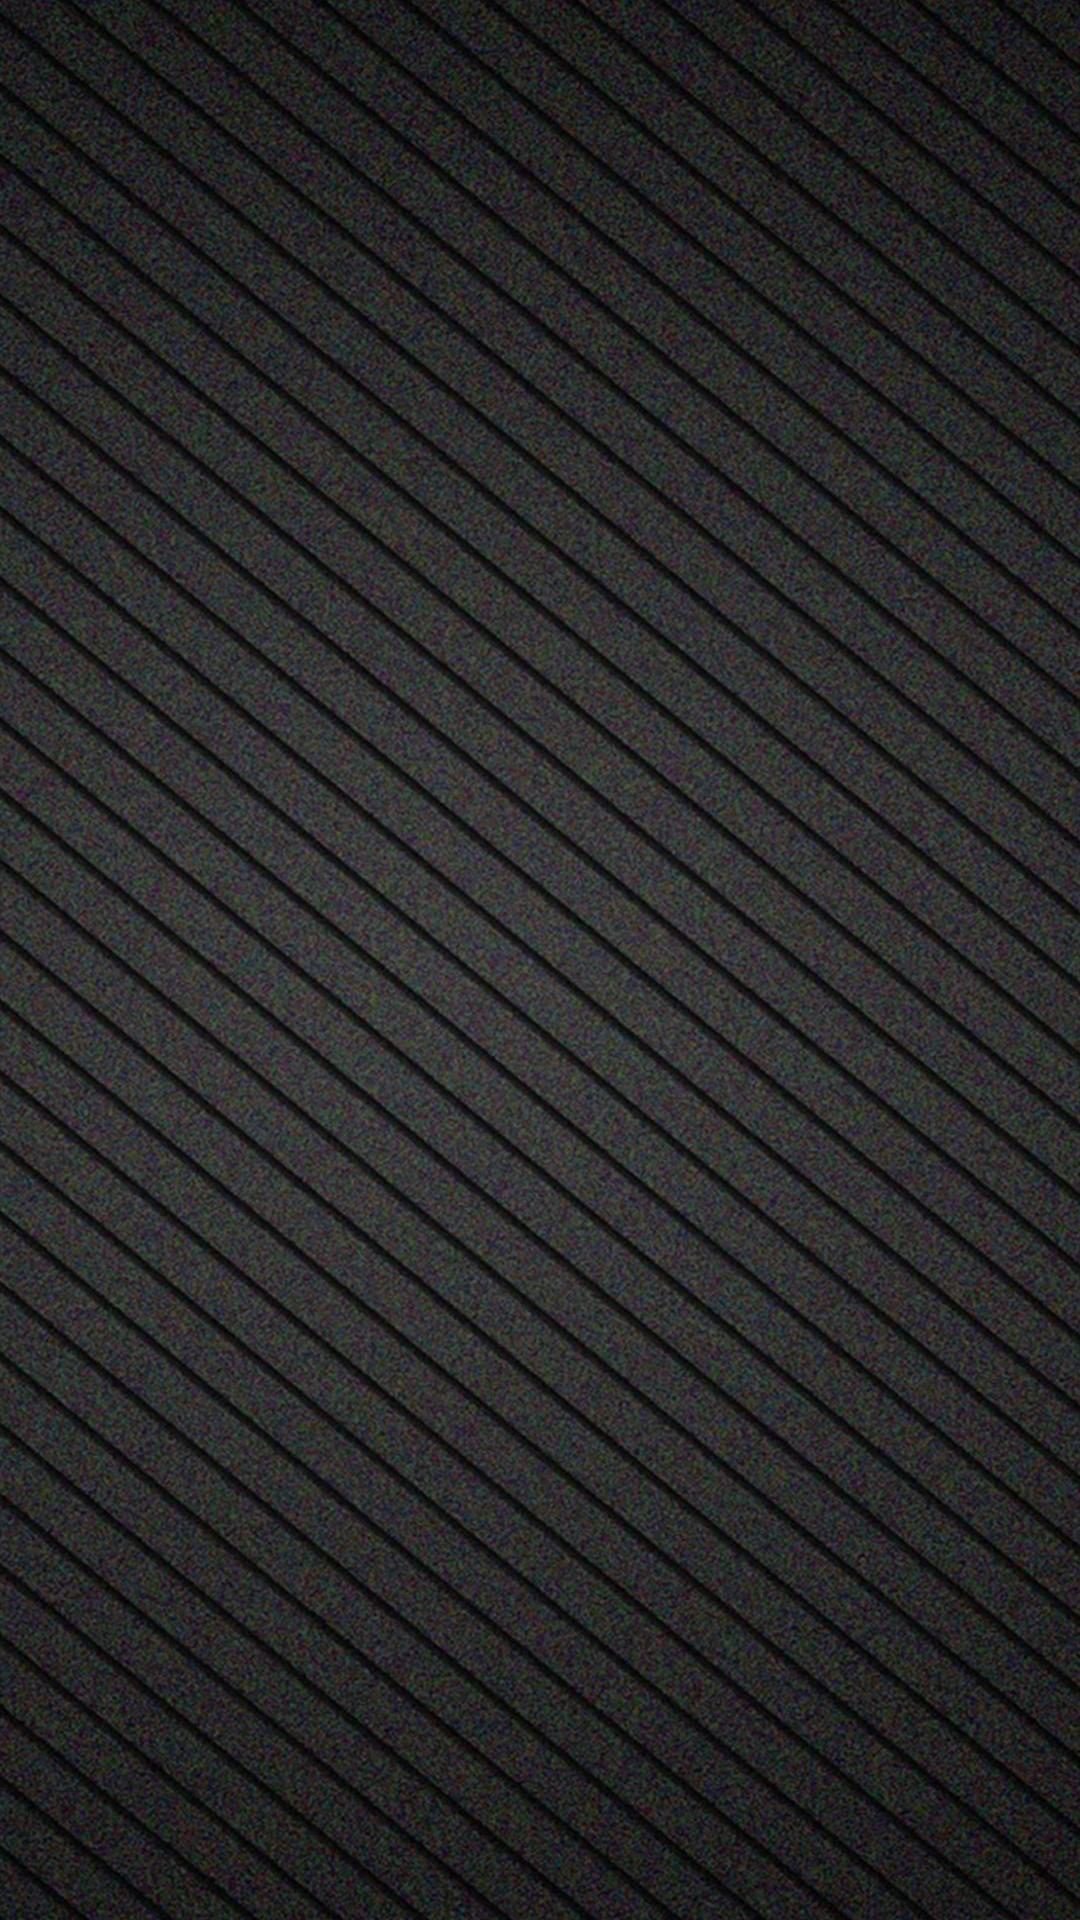 Fond d'cran Smartphone Texture 11 1080x1920